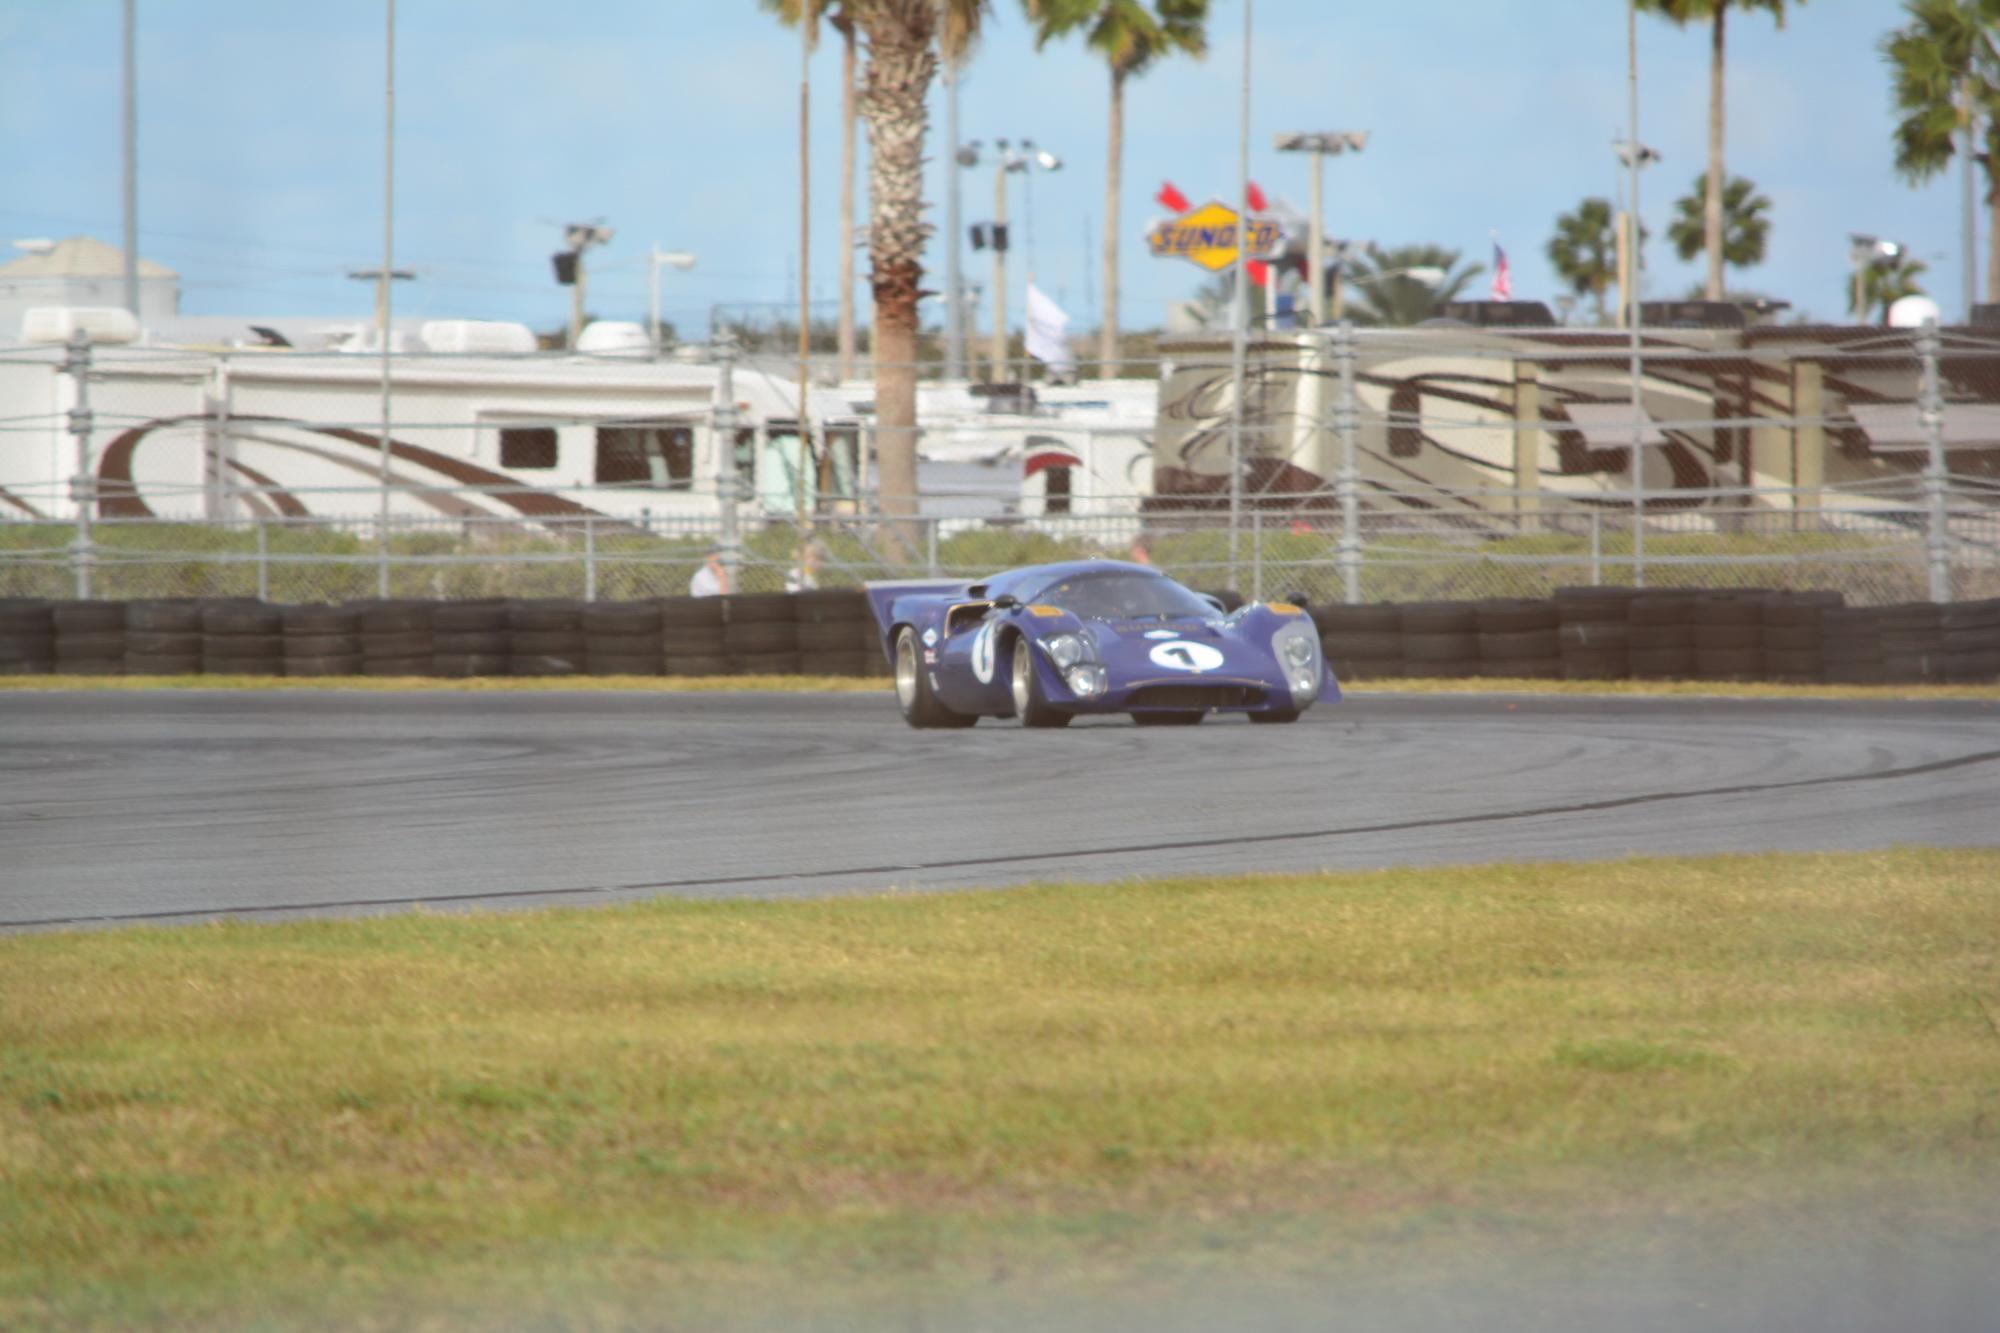 DaytonaClassic24_11-14-2015_0521